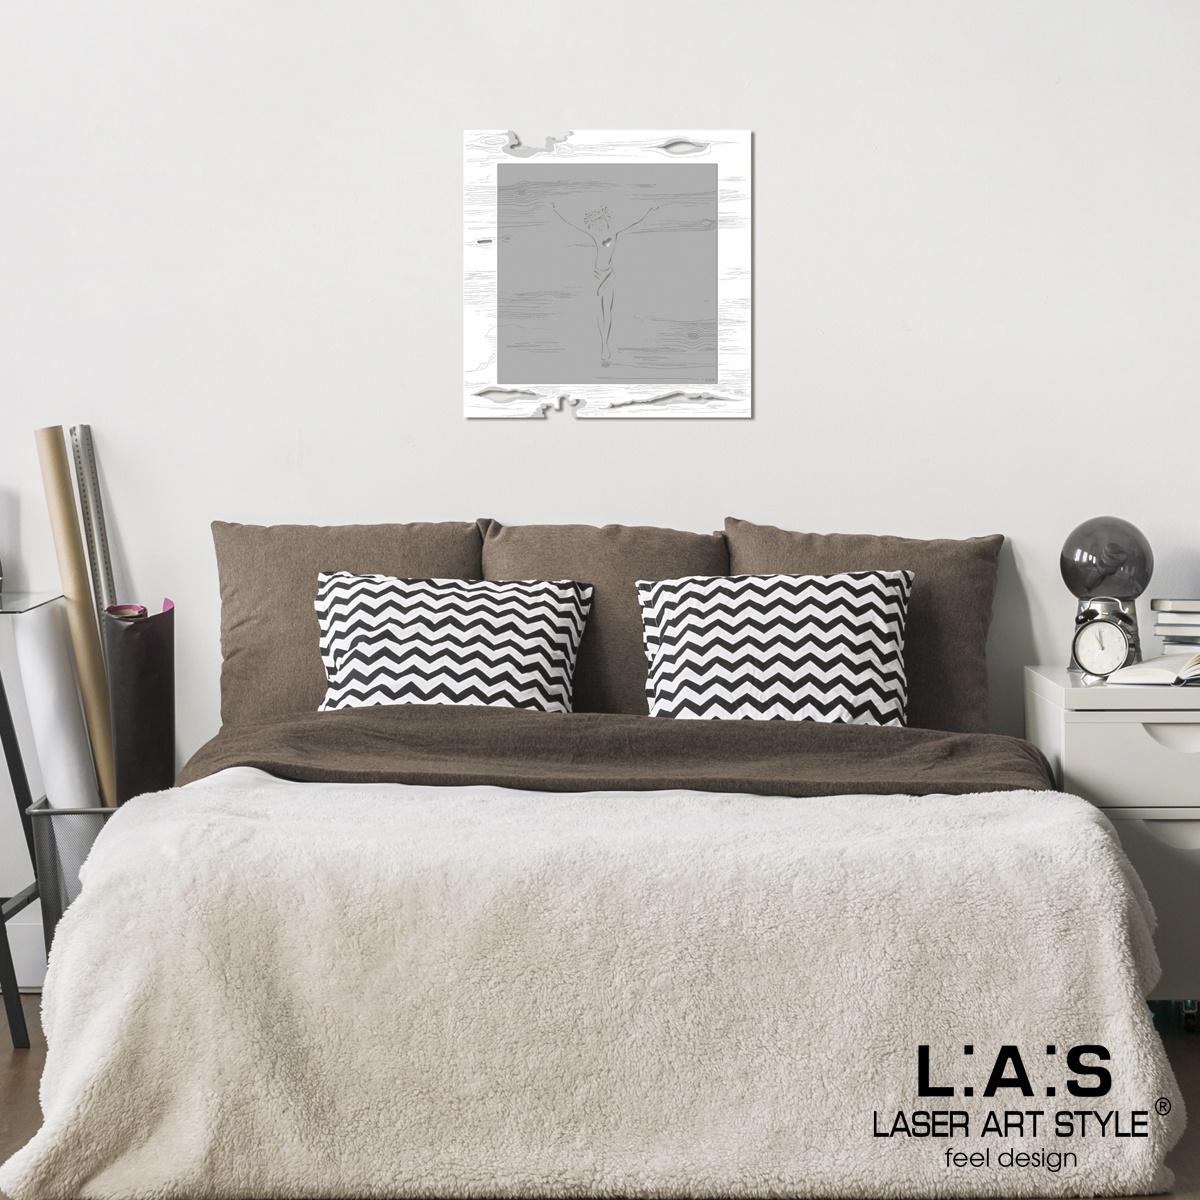 L:A:S - Laser Art Style - CROCIFISSO DA PARETE MODERNO – SI-478L-T8 BIANCO-CEMENTO